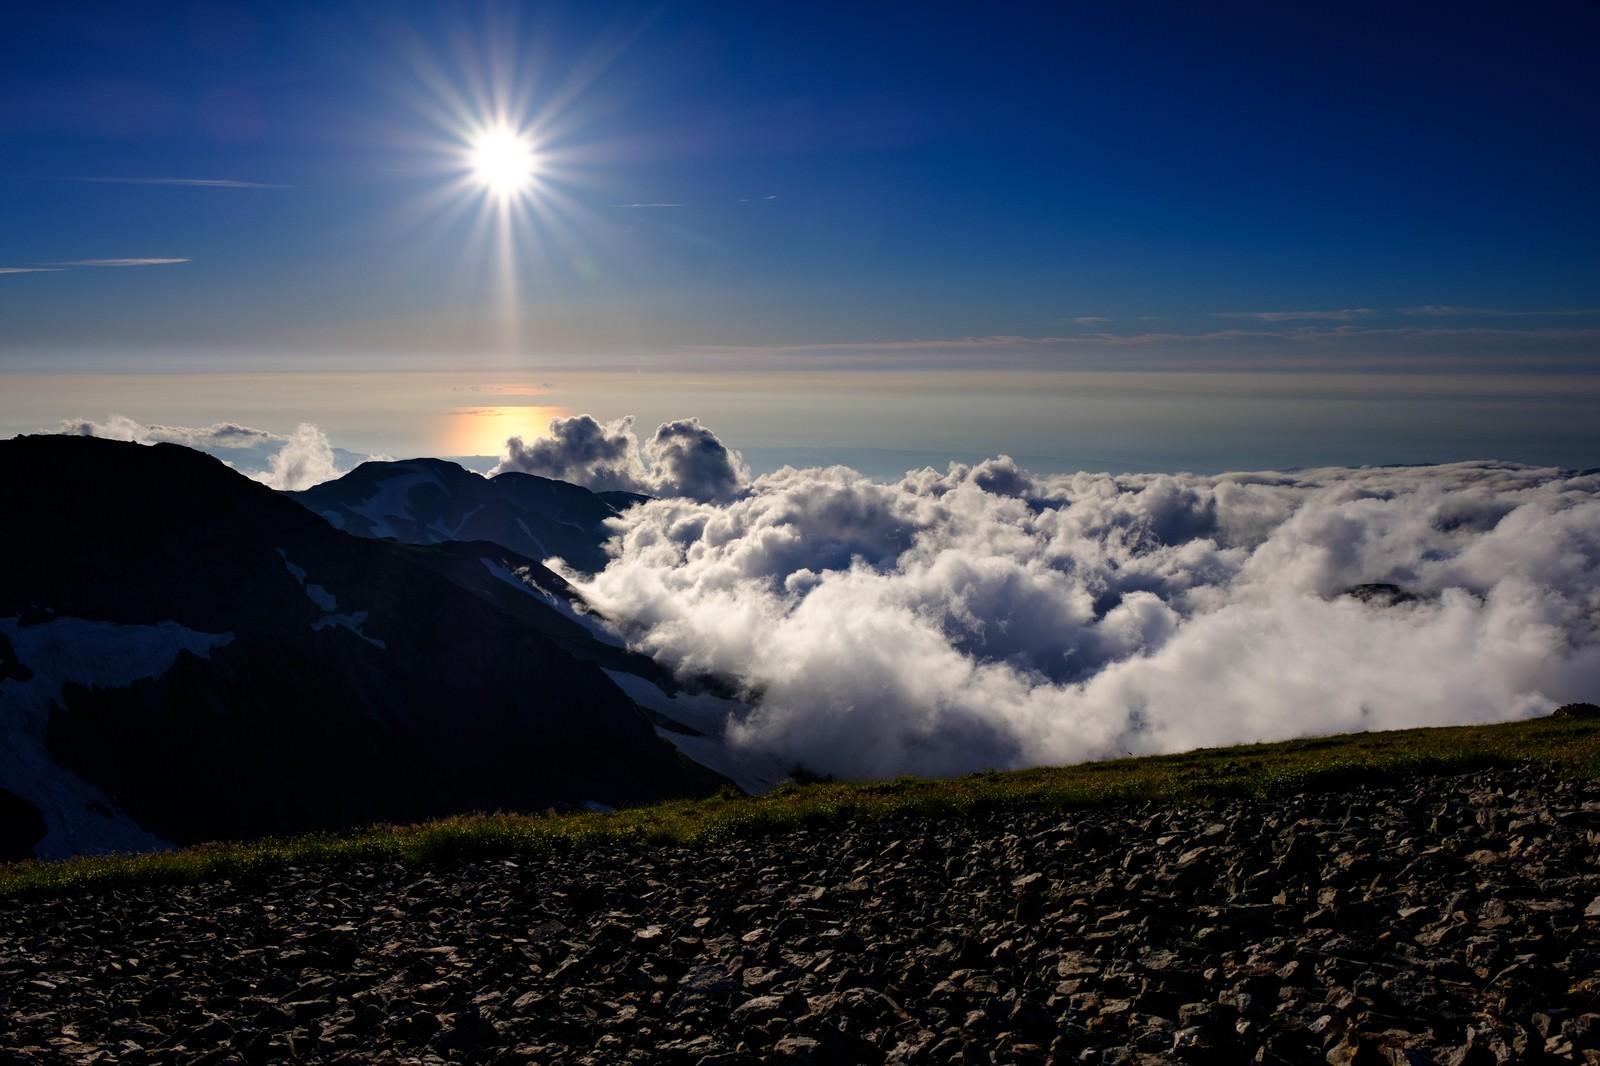 「白馬岳から見る陽の光」の写真